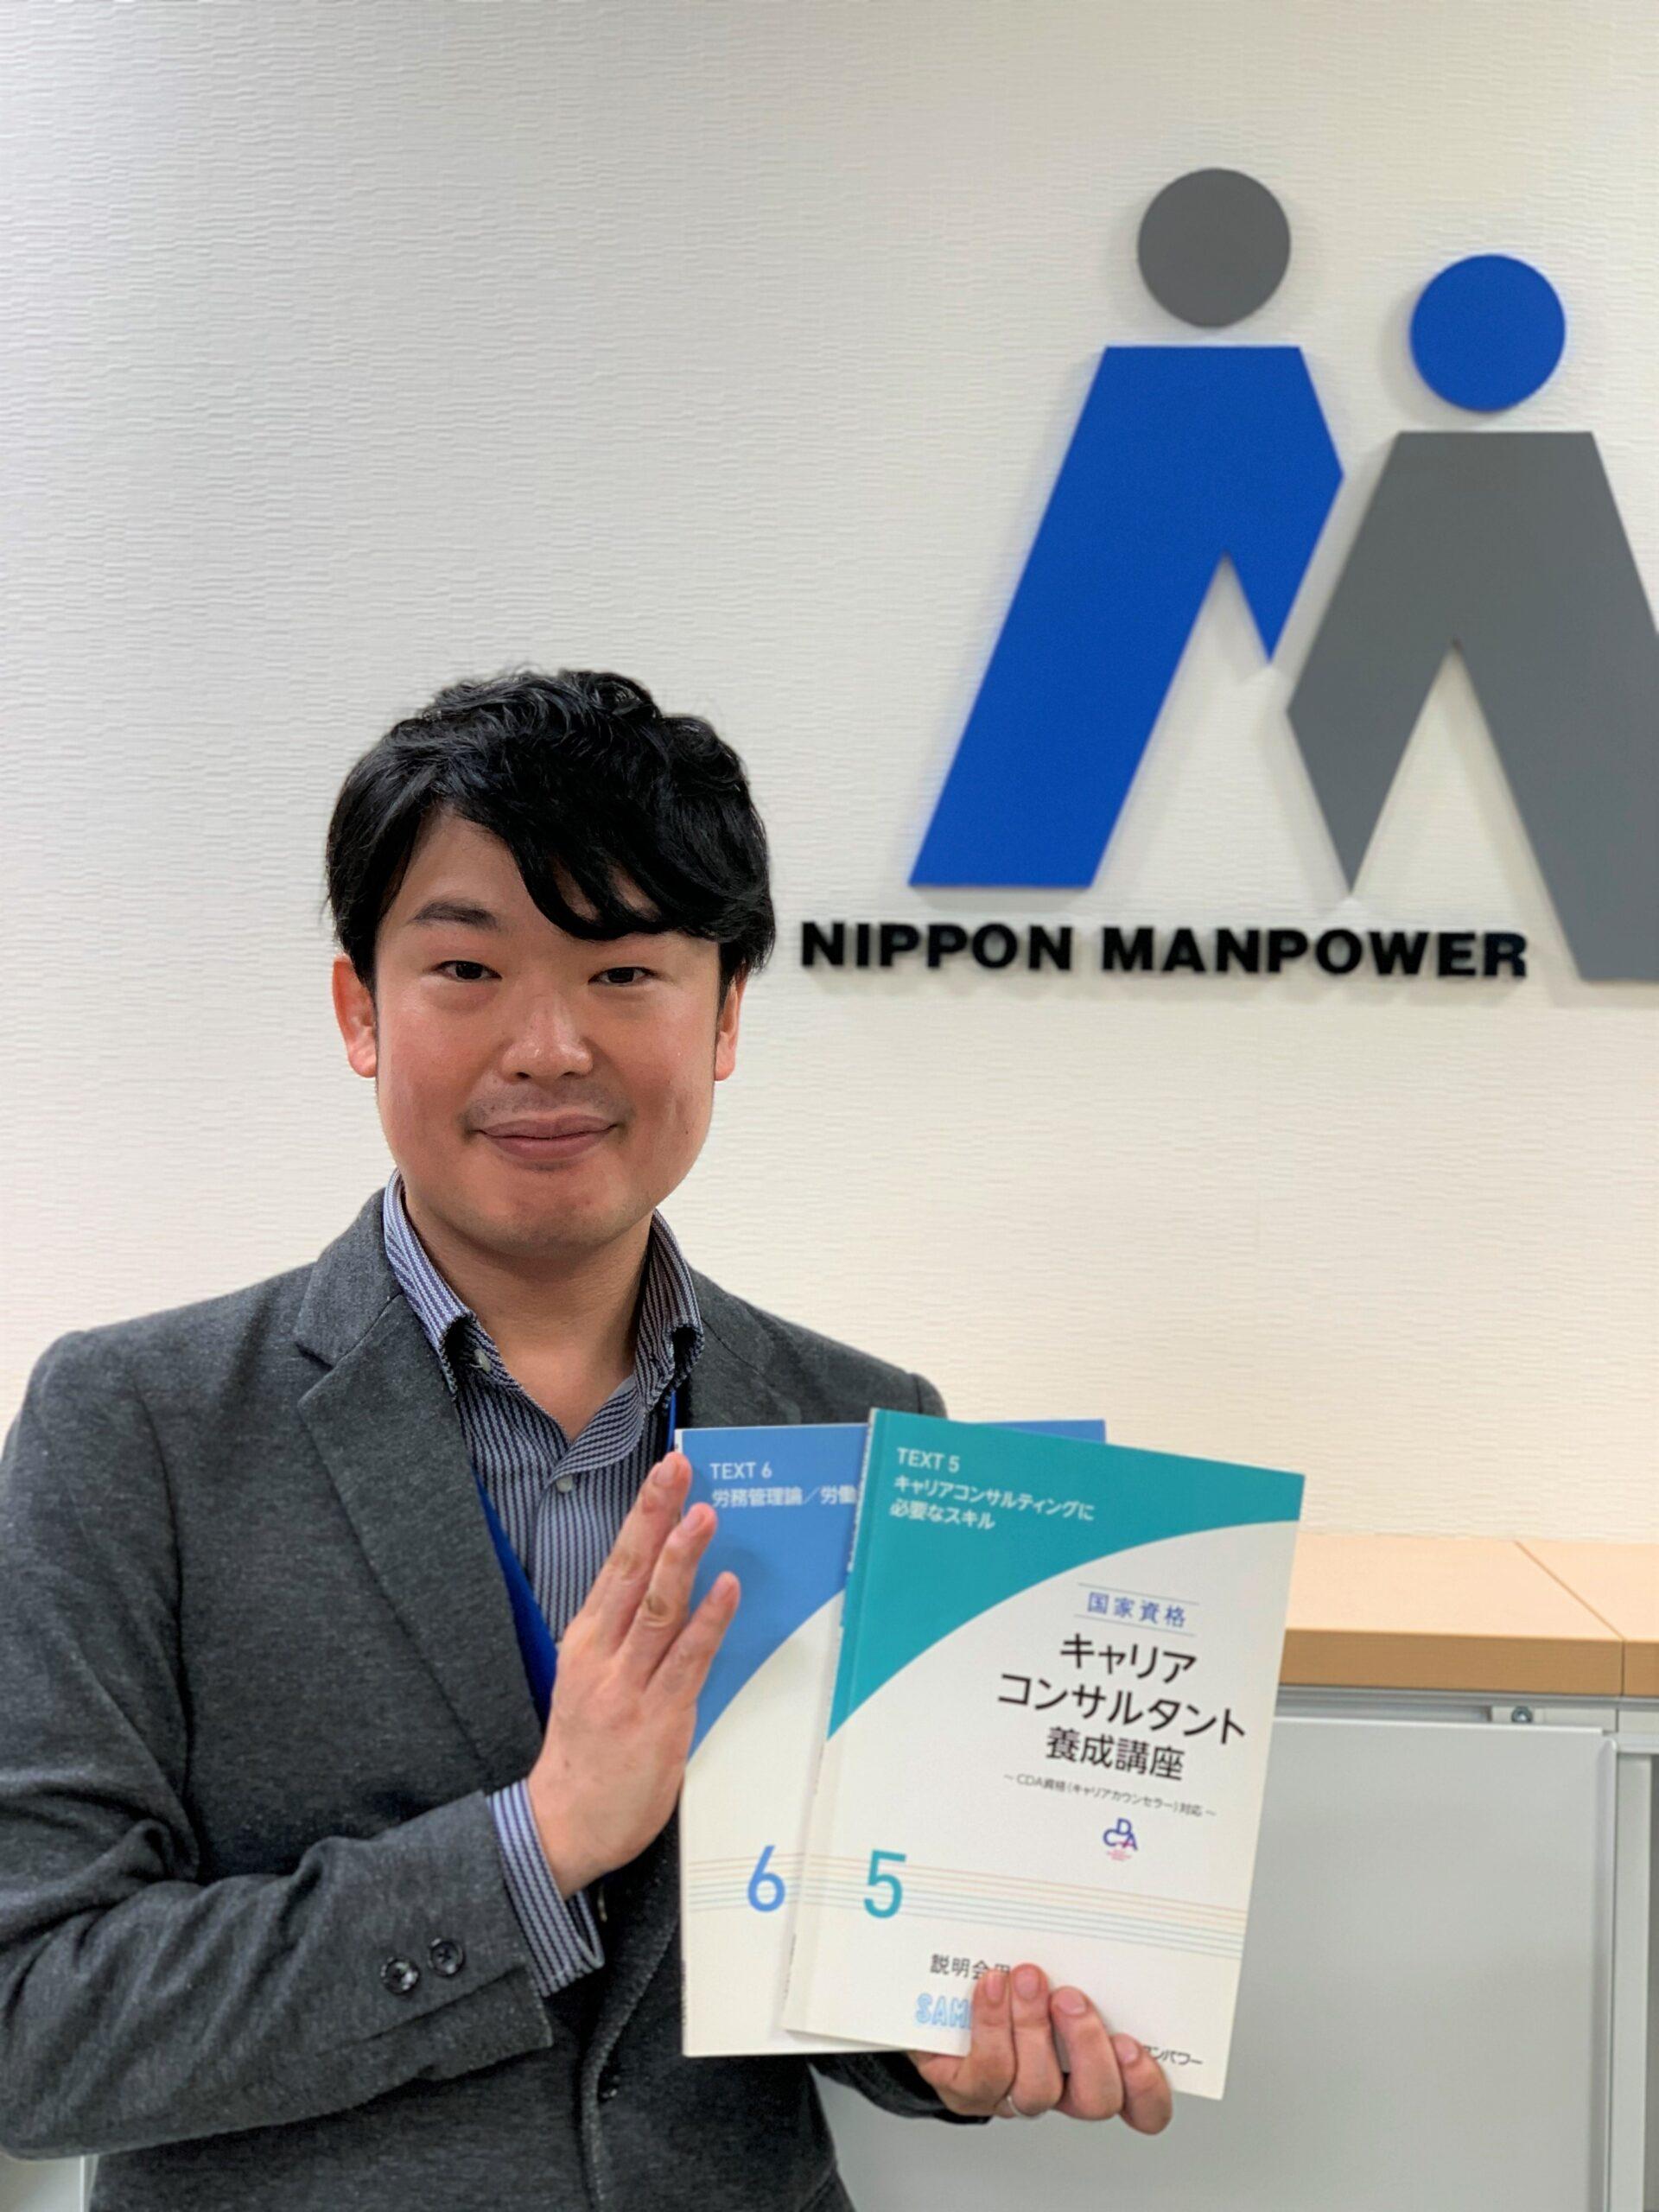 日本マンパワー白井健「キャリアコンサルタントの学びで紡ぎ出す、人が人にもっとやさしくなれる社会」